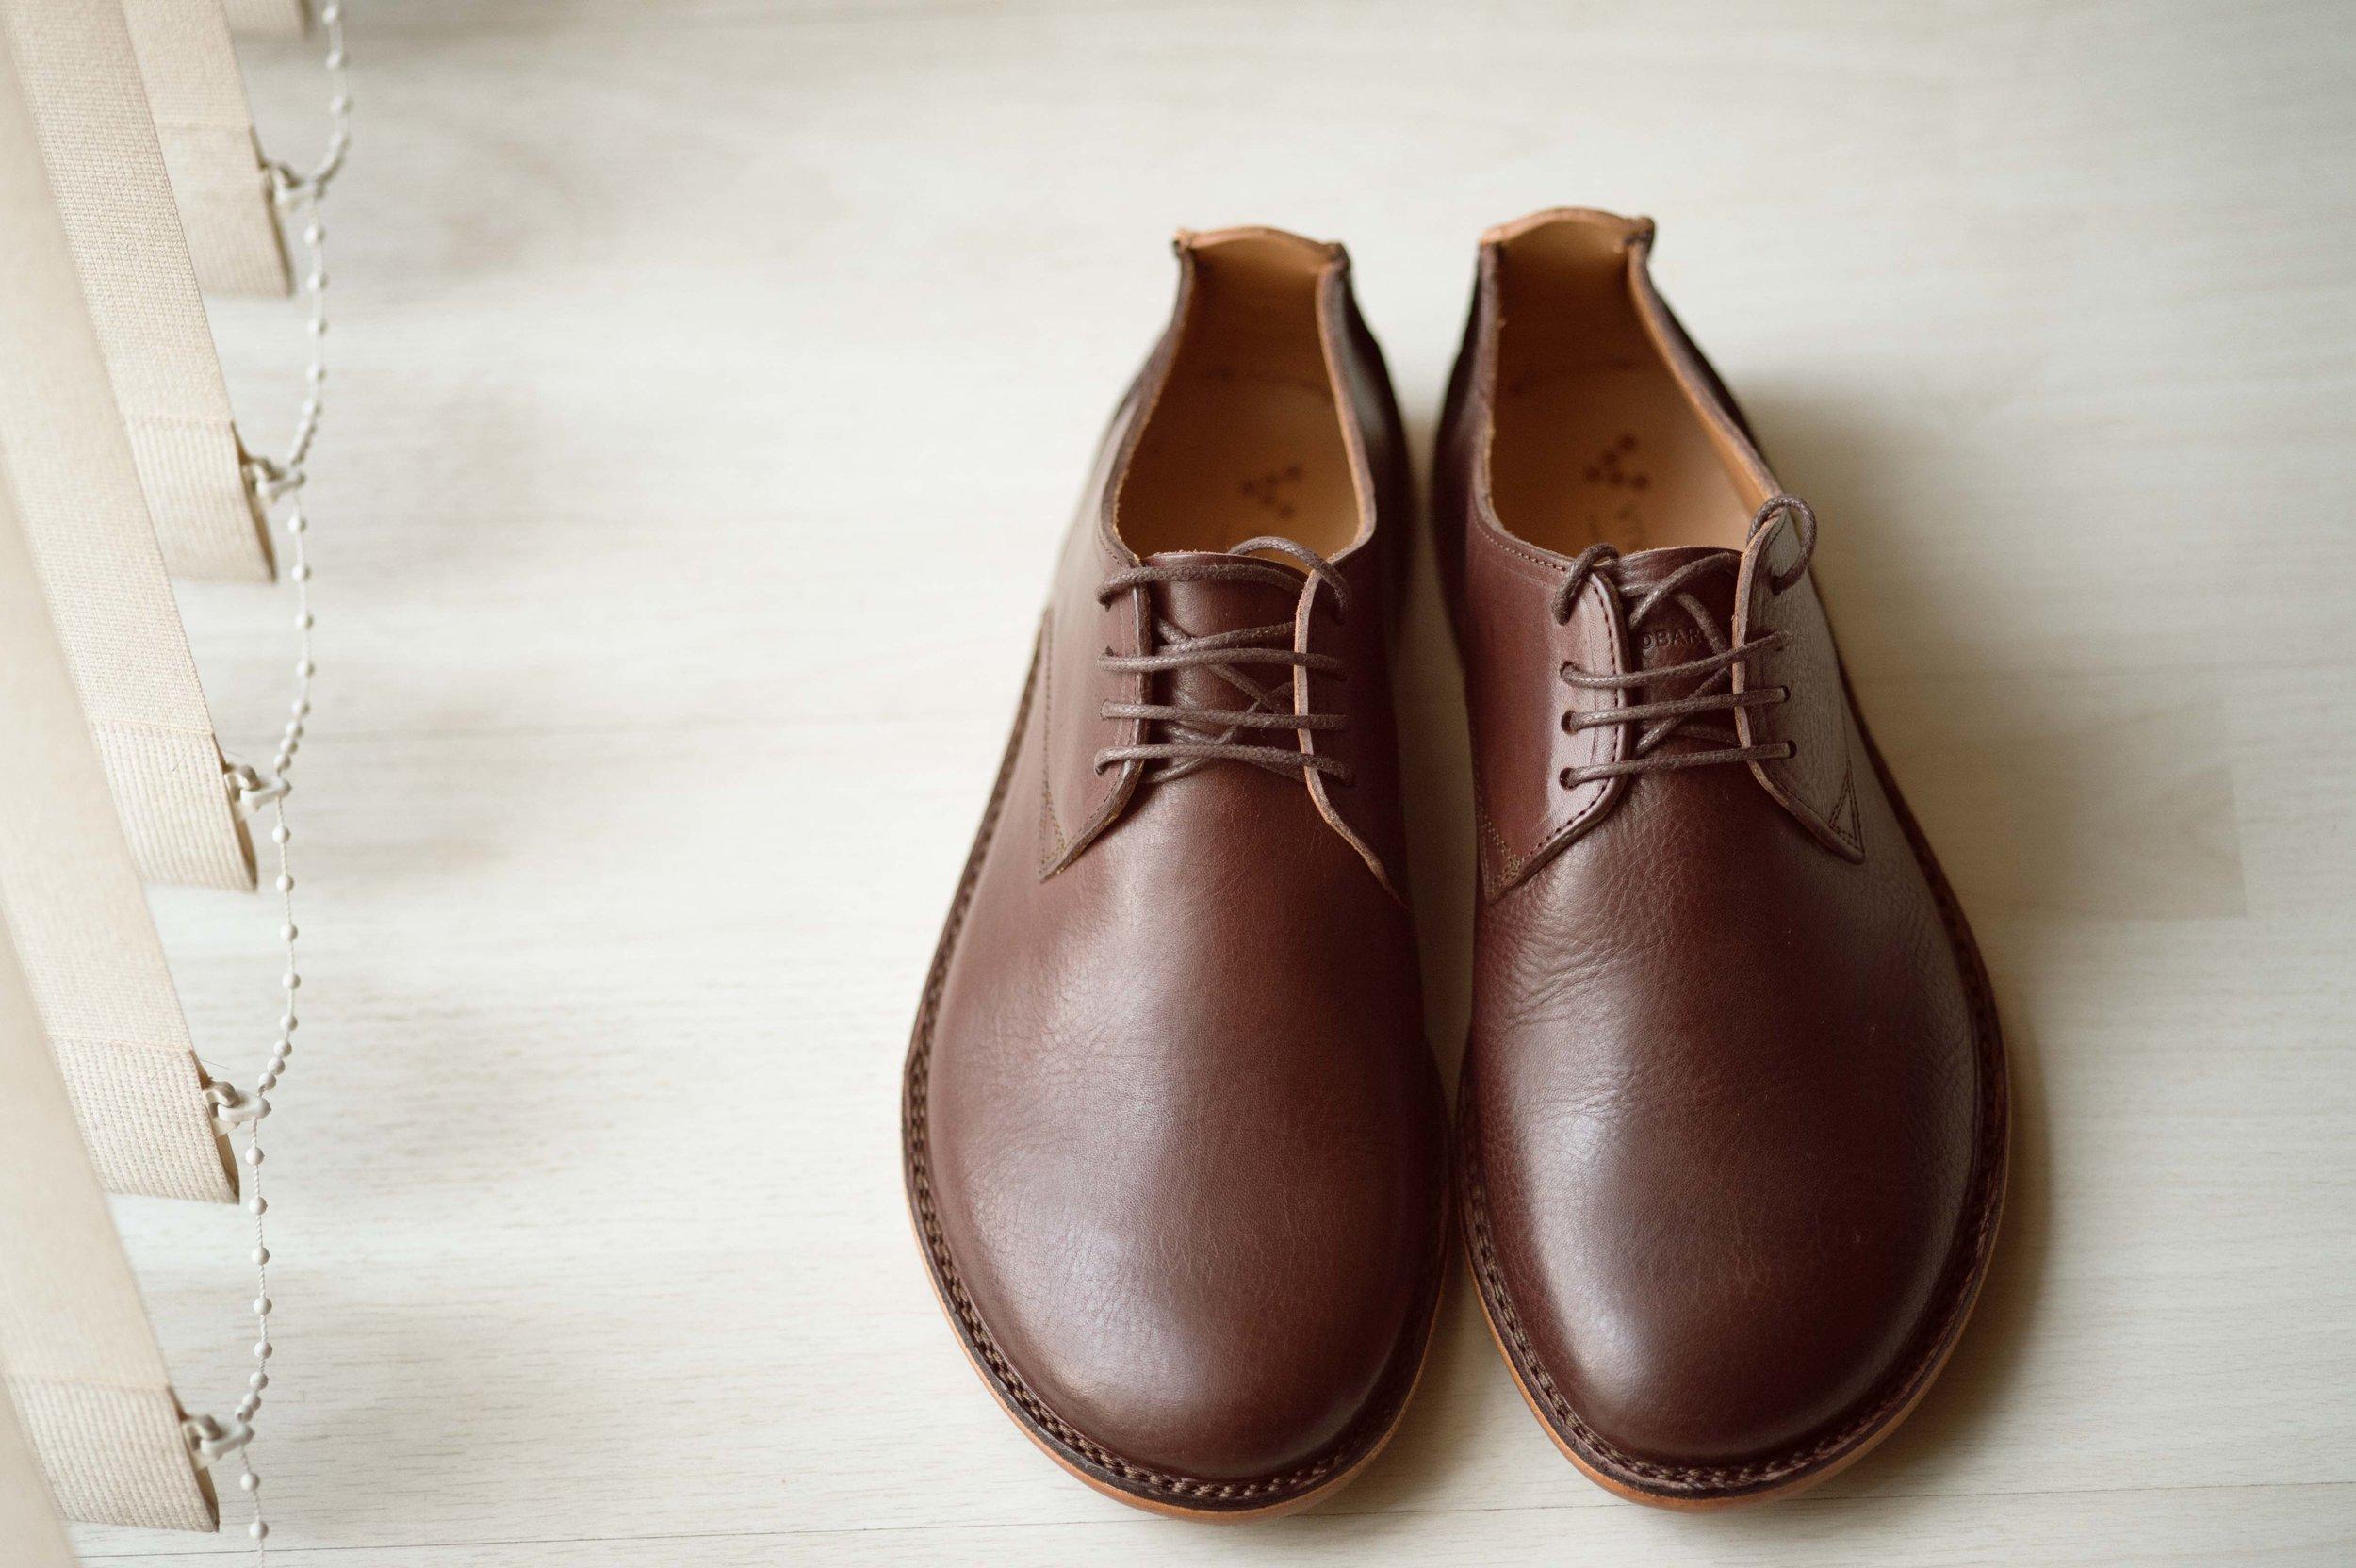 Barefoot_runner_office_shoes_thetrinerd_aniko_towers_photo-18.jpg